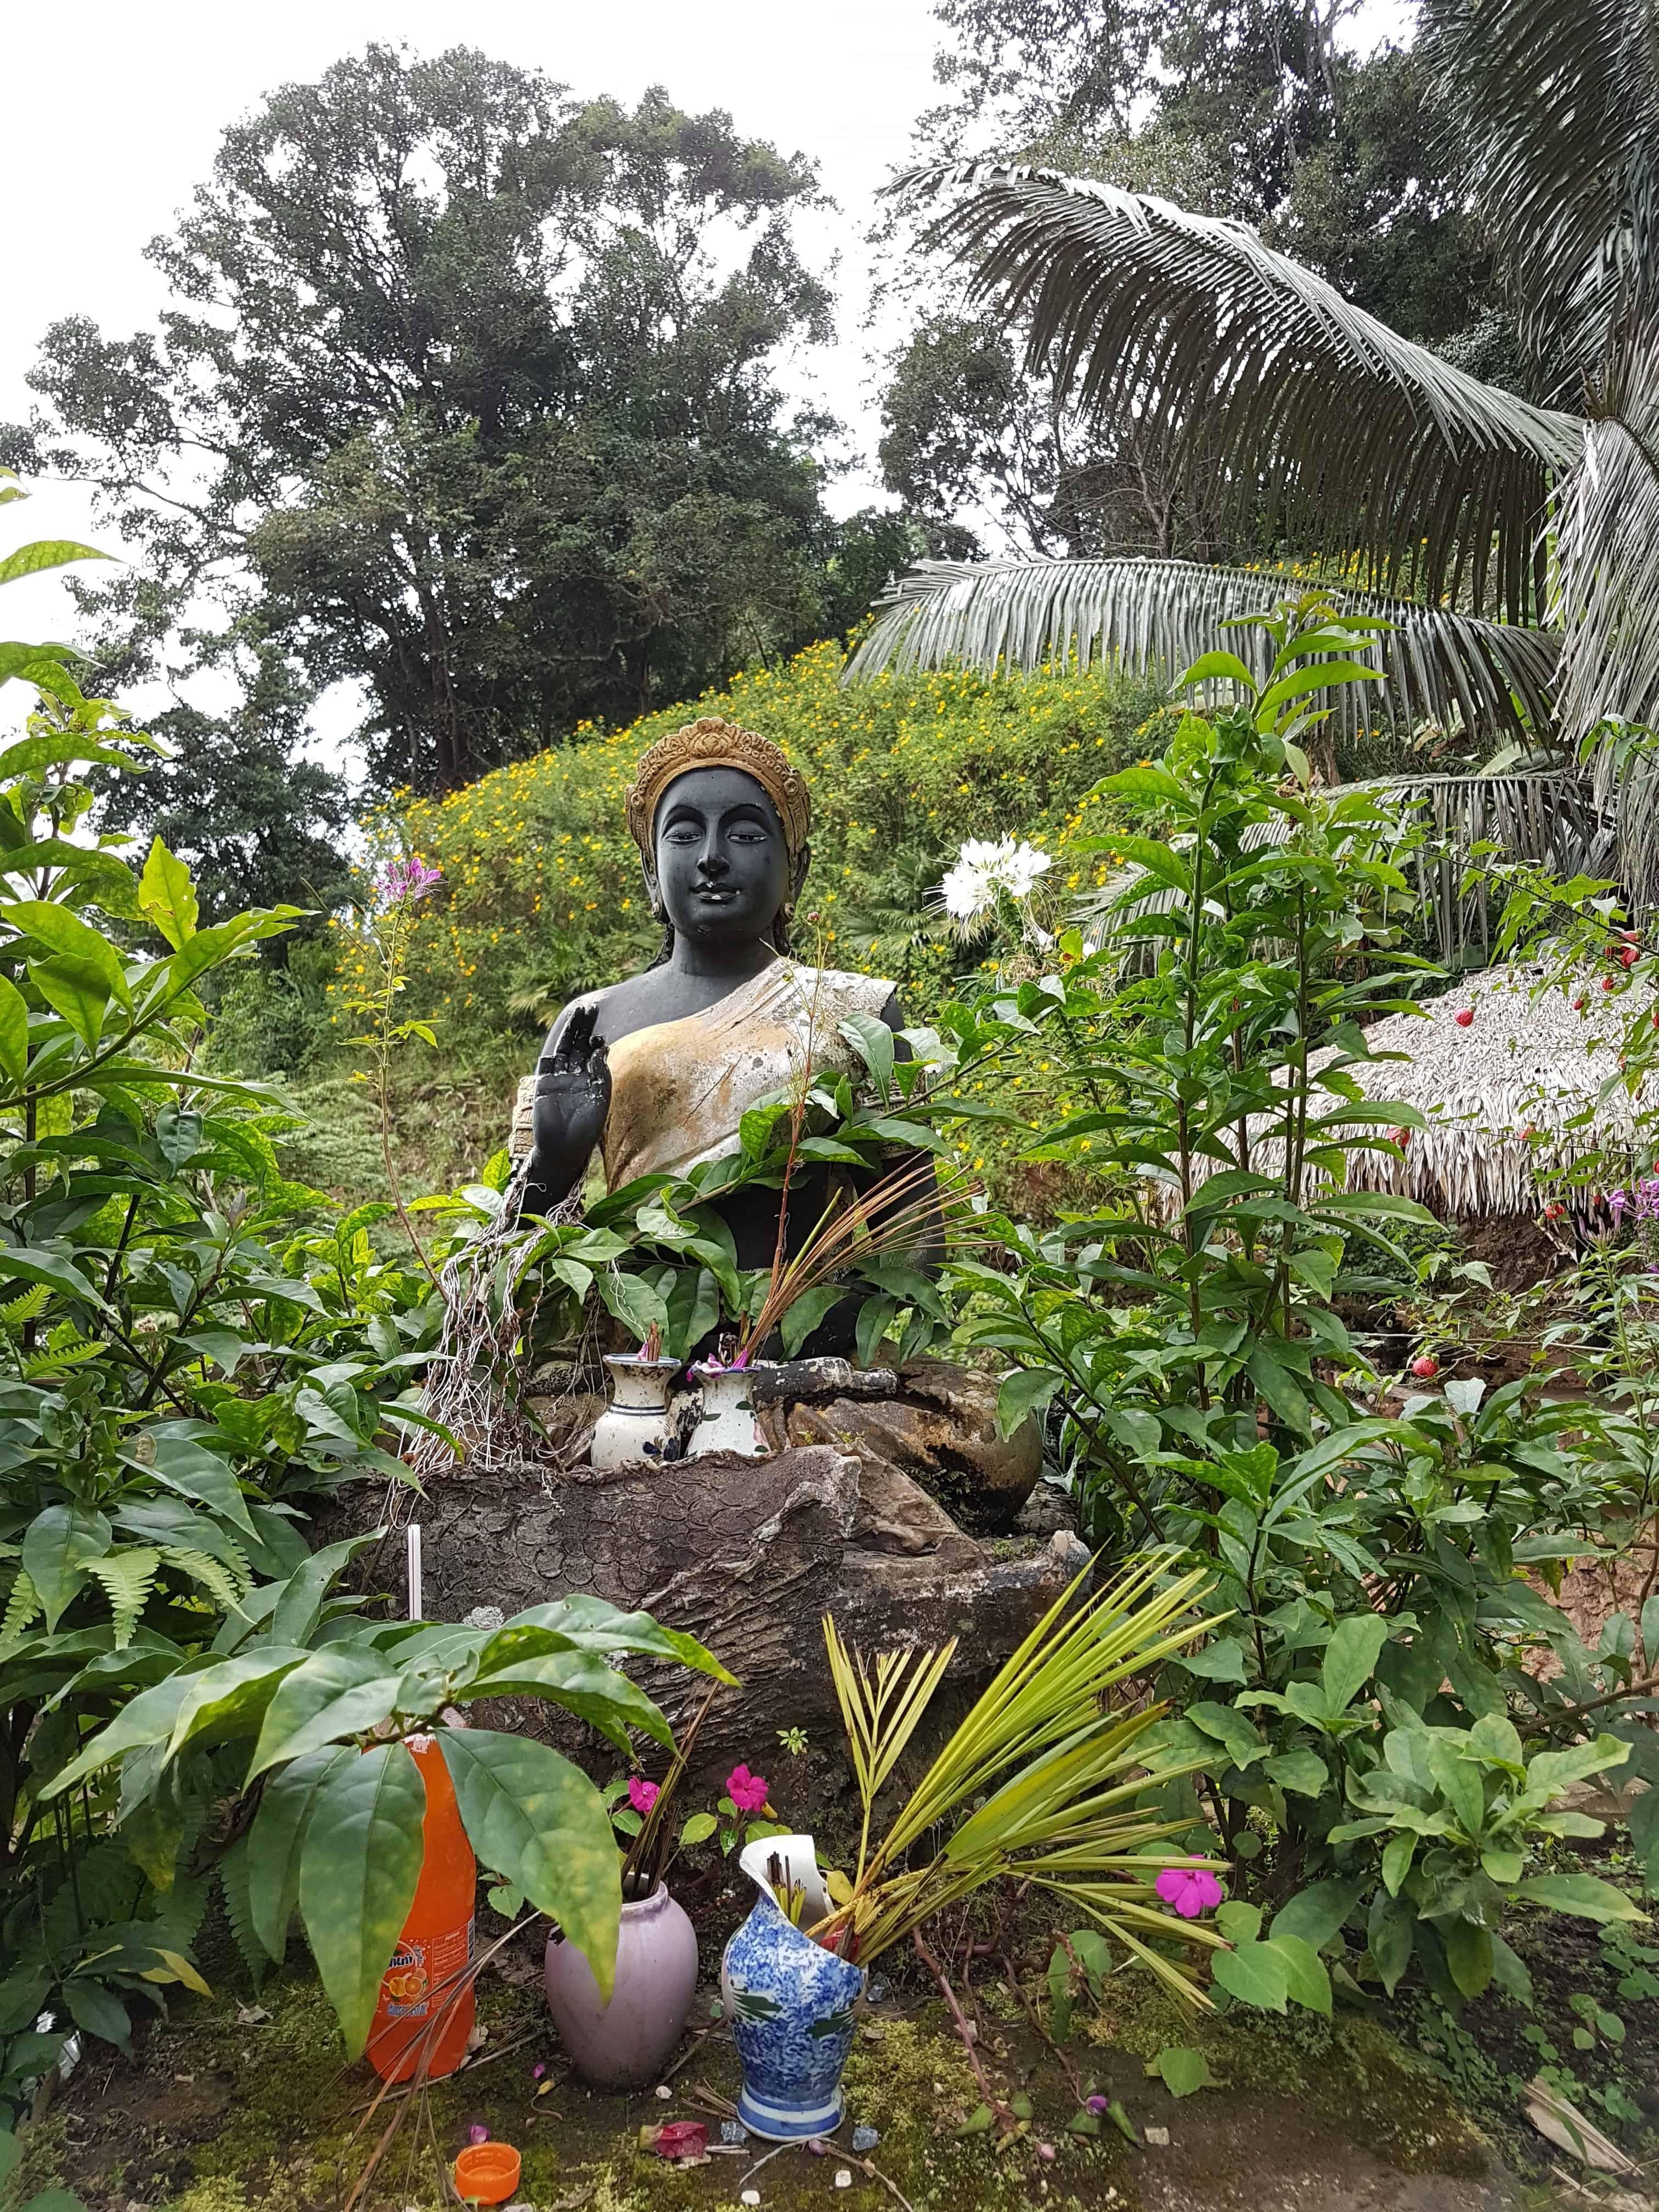 Thaïlande, découverte du magnifique temple de Doi Suthep 🛕 17